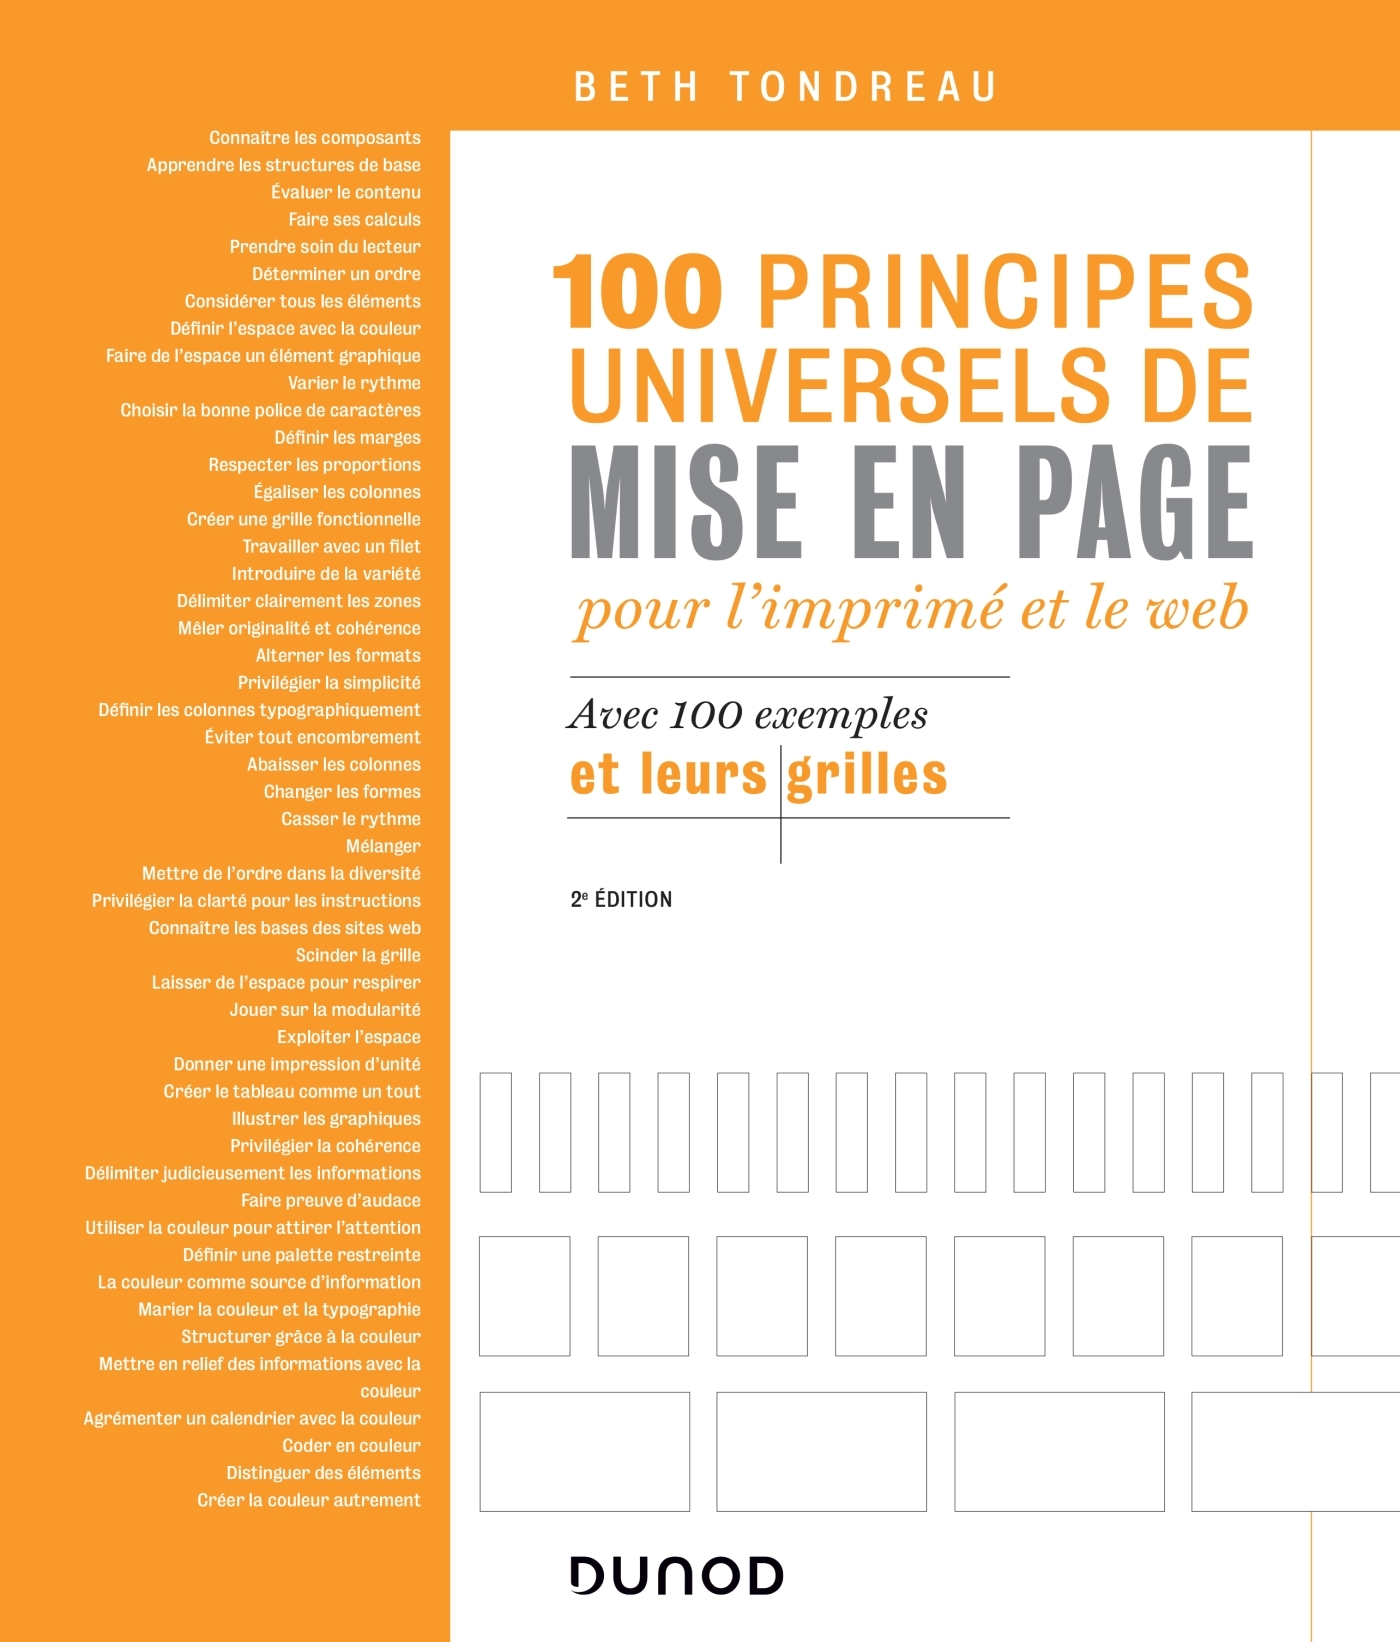 100 PRINCIPES UNIVERSELS DE MISE EN PAGE POUR L'IMPRIME ET LE WEB - AVEC 100 EXEMPLES ET LEURS GRILL